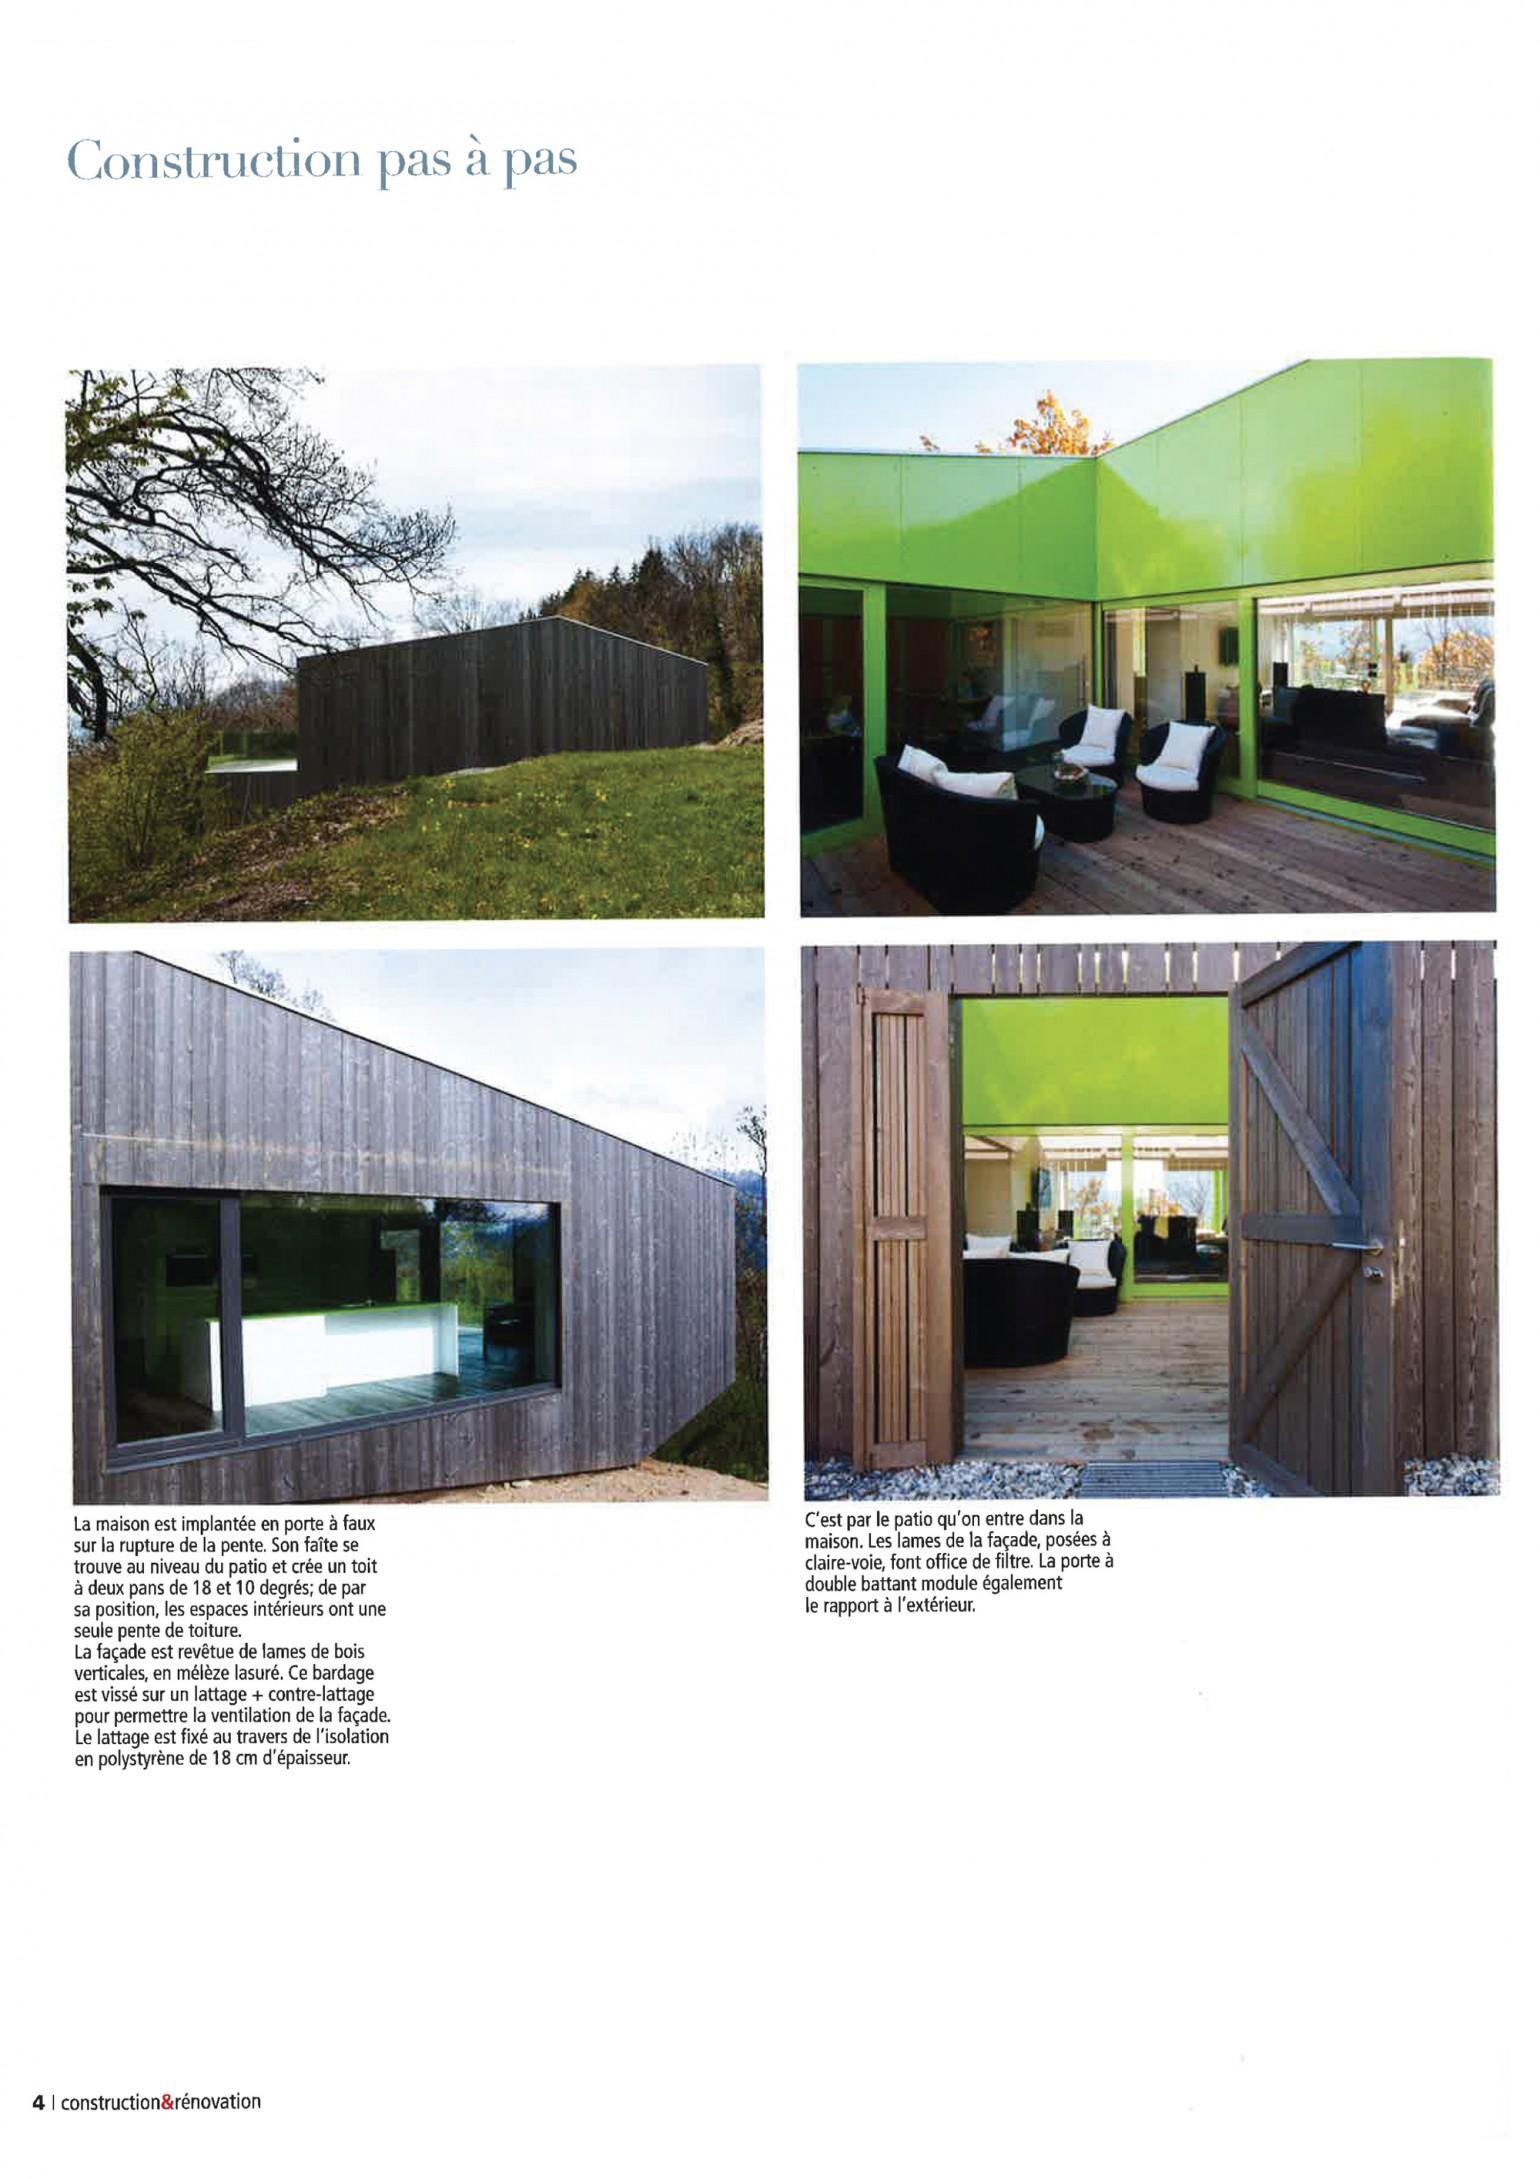 2014 MMG espaces-construction et renovation-3